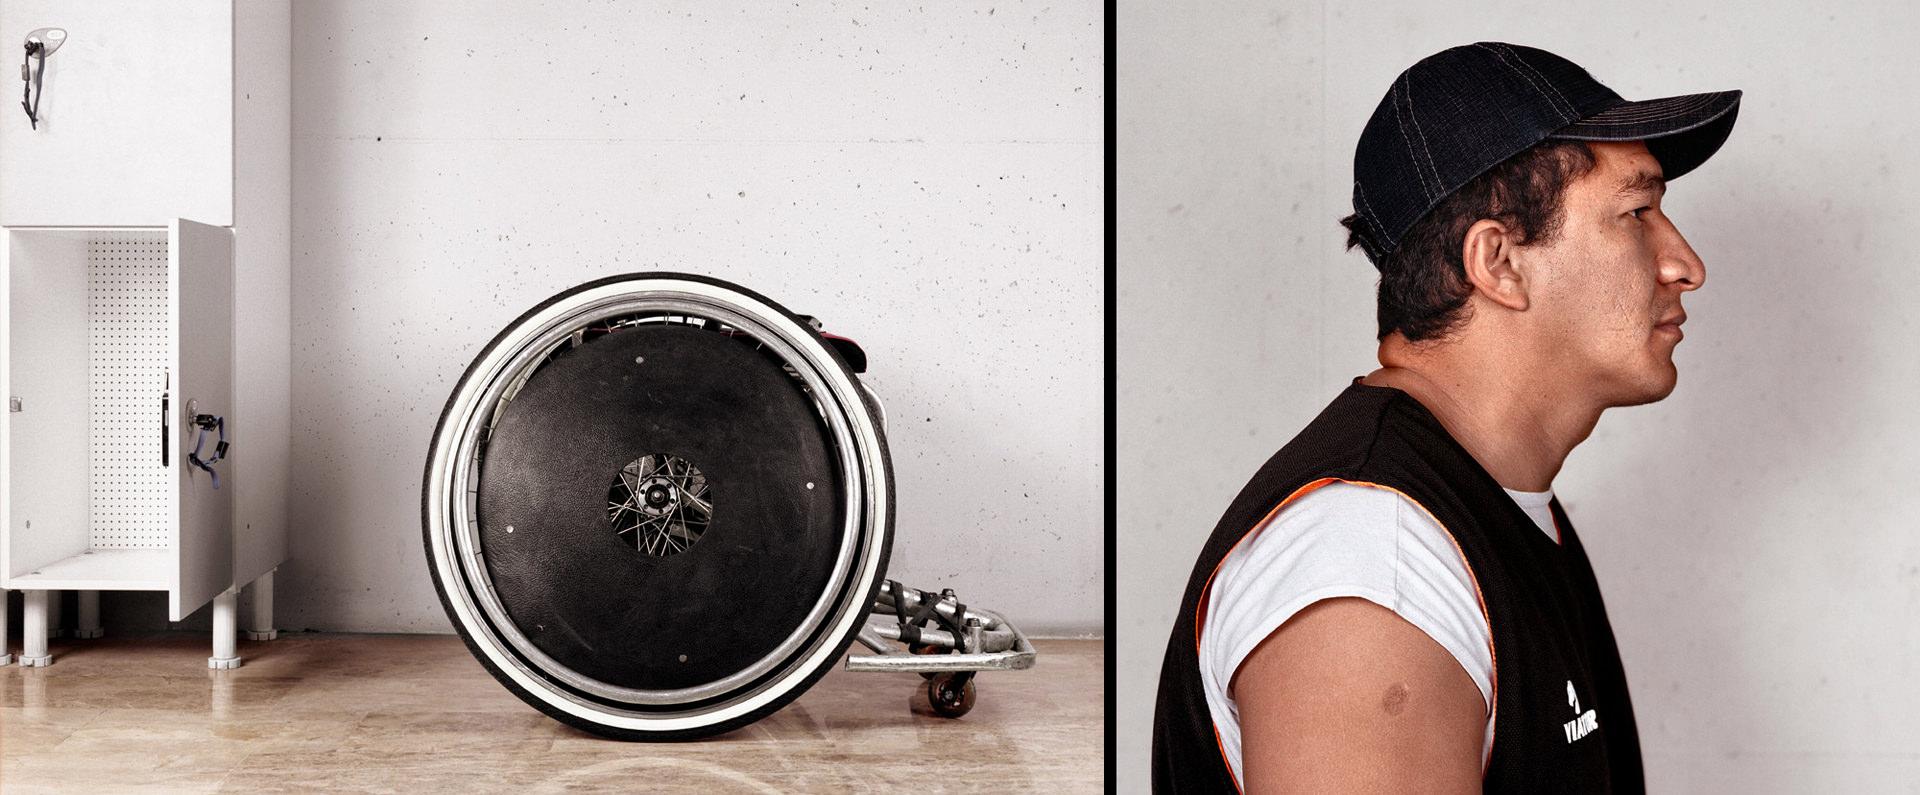 ©ankeluckmann242, wheelchair, rolli, portrait, basketball, chair, www.ankeluckmann.com, anke luckmann, personal work, sport